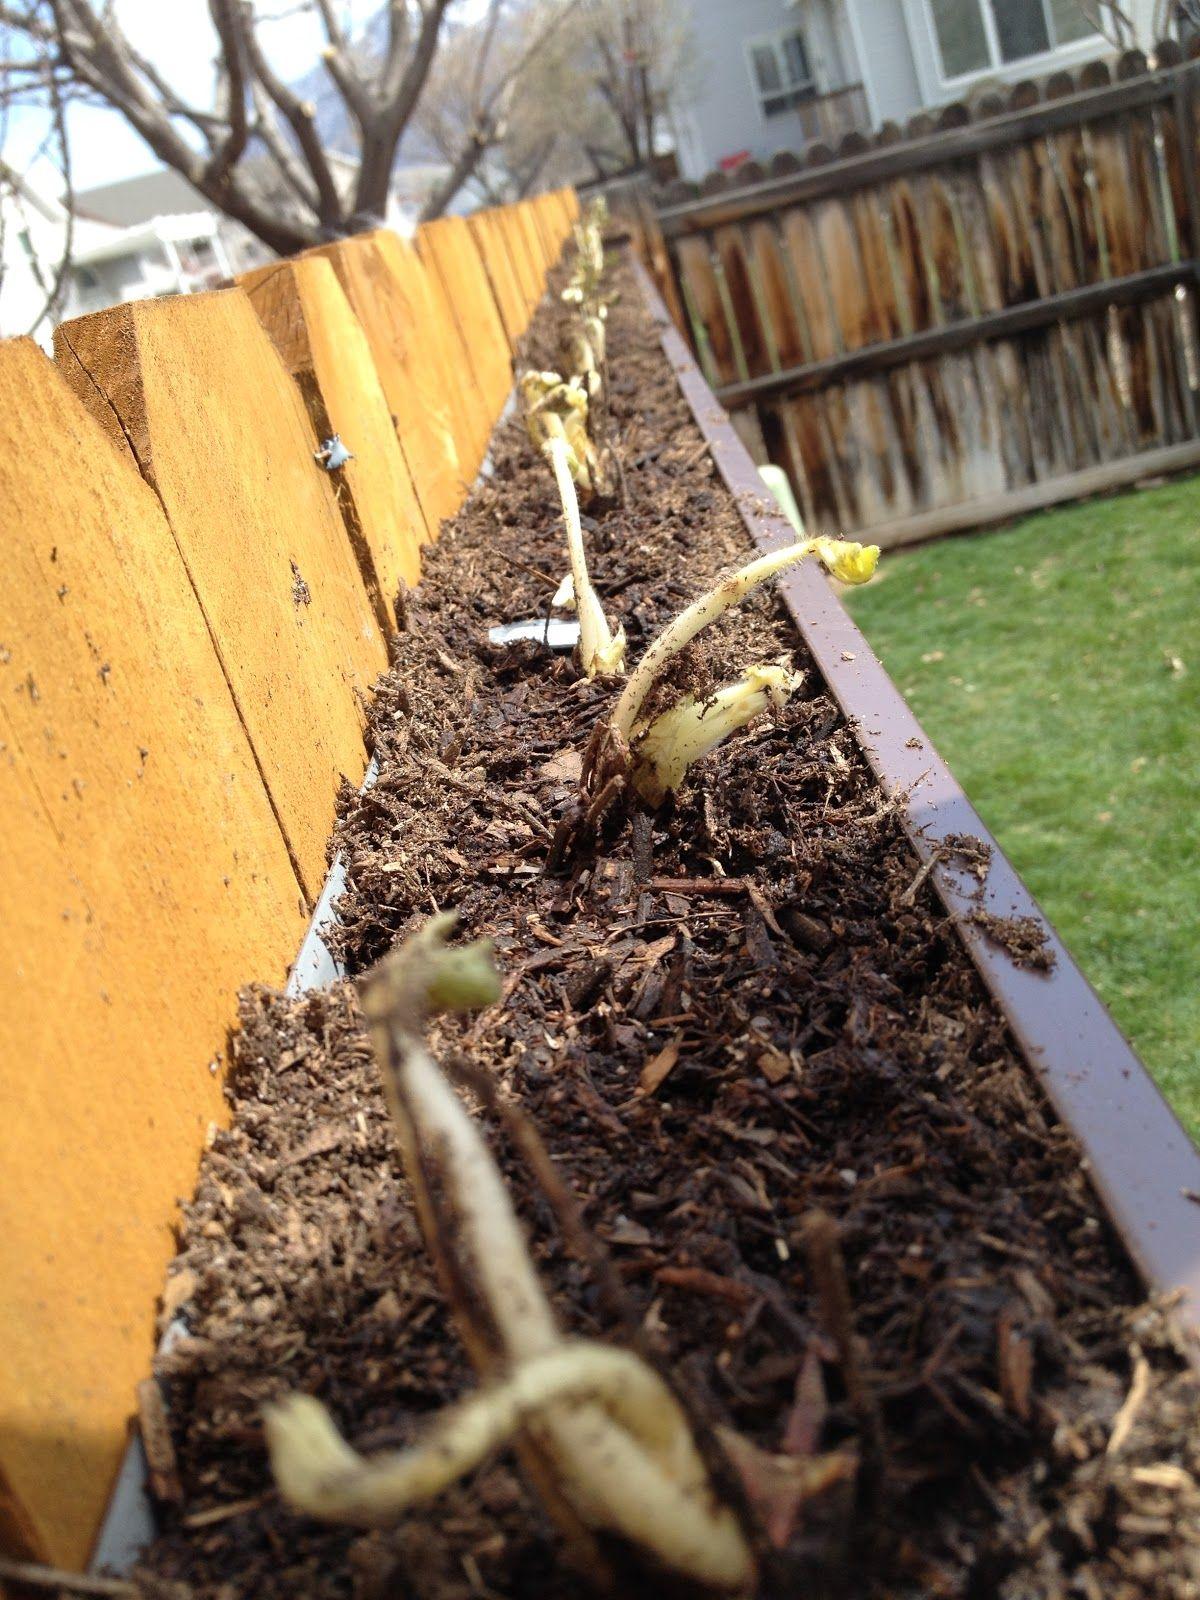 Erdbeeren pflanzen in regenrinne am zaun geniale idee for Garten pflanzen idee